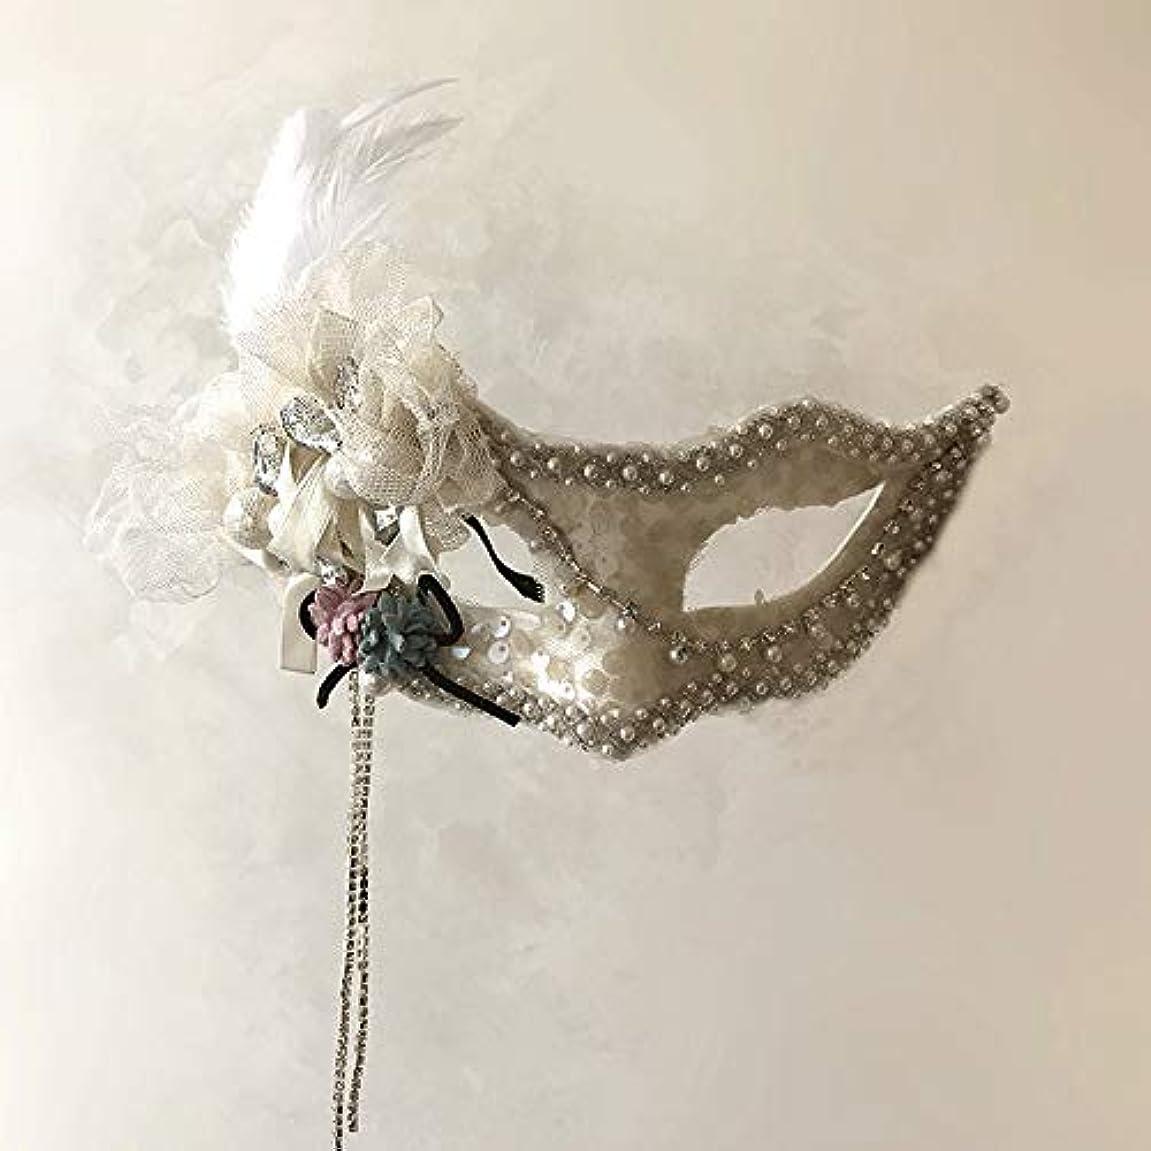 見積り凝視一目Nanle ホワイトフェザーフラワーマスク仮装ボールアイマスクハロウィーンボールフリンジフェザーマスクパーティマスク女性レディセクシーマスク (色 : Style D)